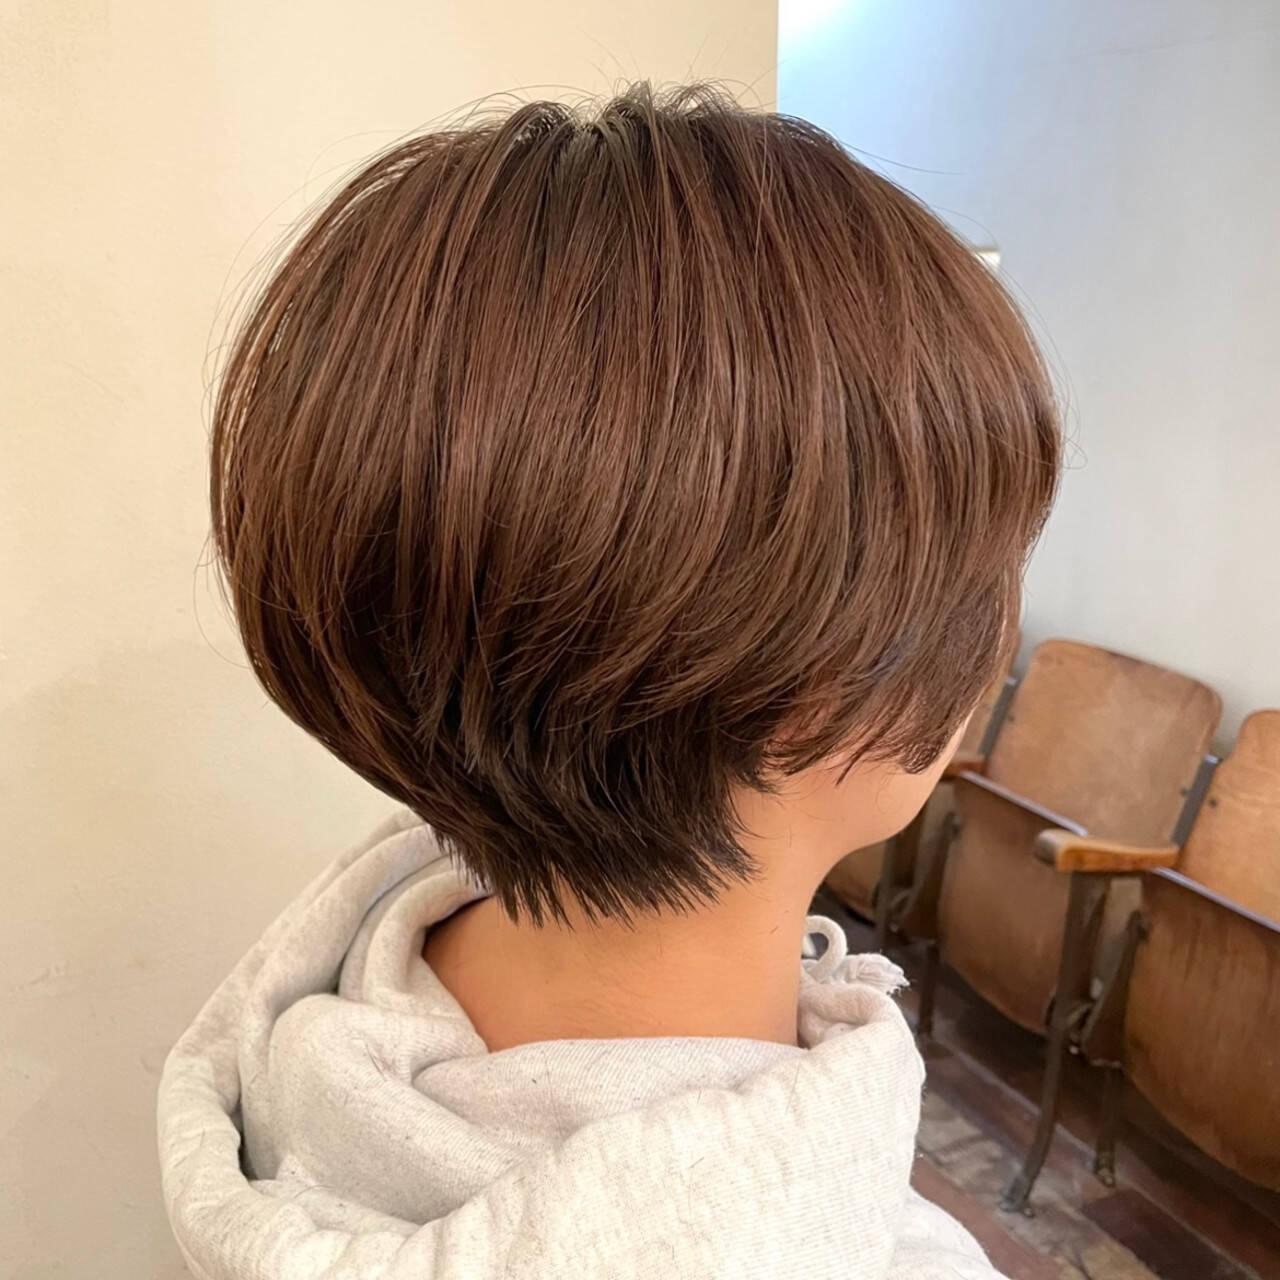 ナチュラル ショートヘア ハンサムショート ショートヘアスタイルや髪型の写真・画像